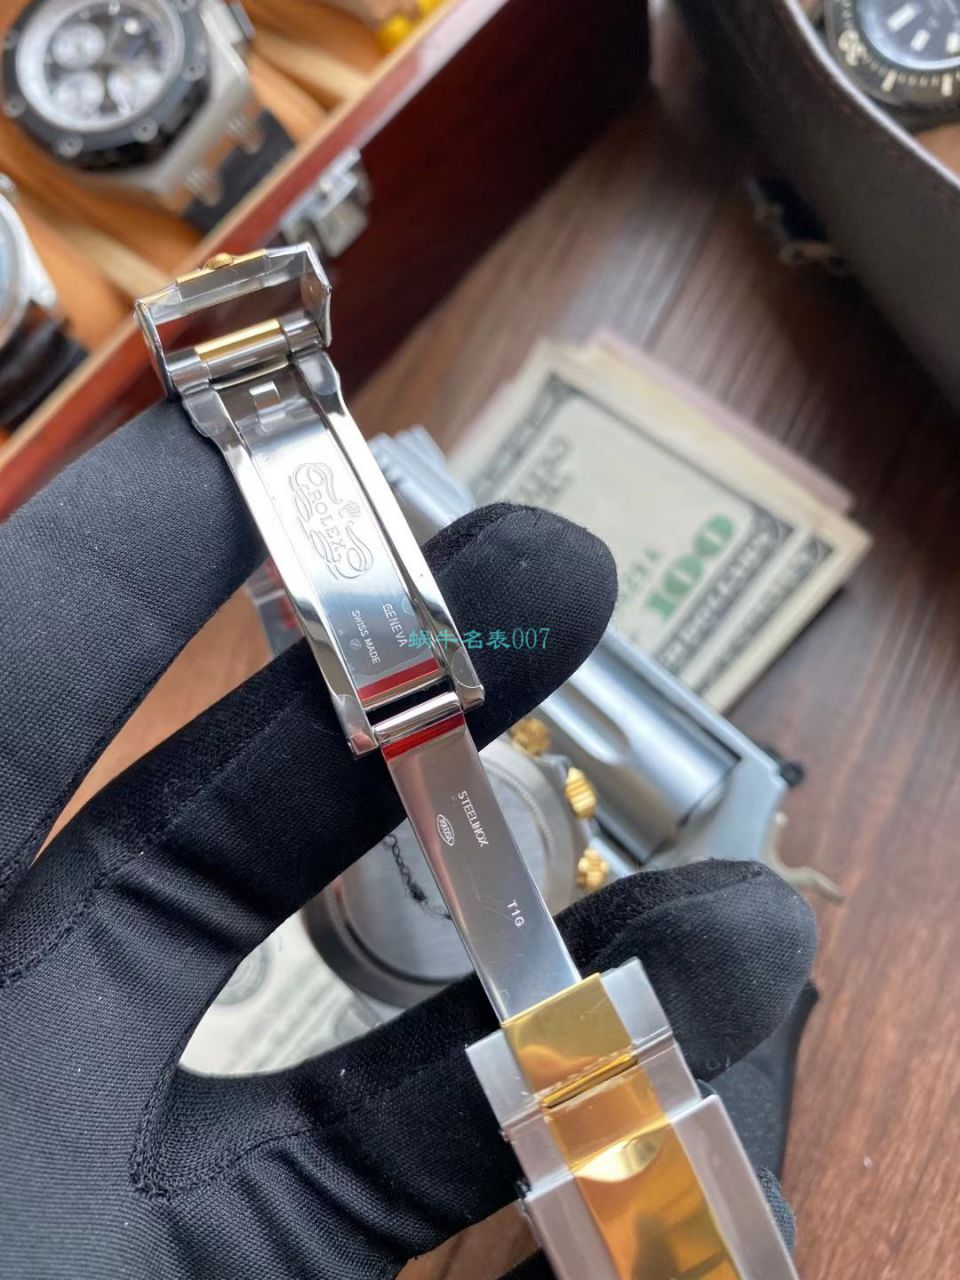 视频评测N厂劳力士超级4130迪通拿间金钻面m116503-0006顶级1比1复刻手表 / R732